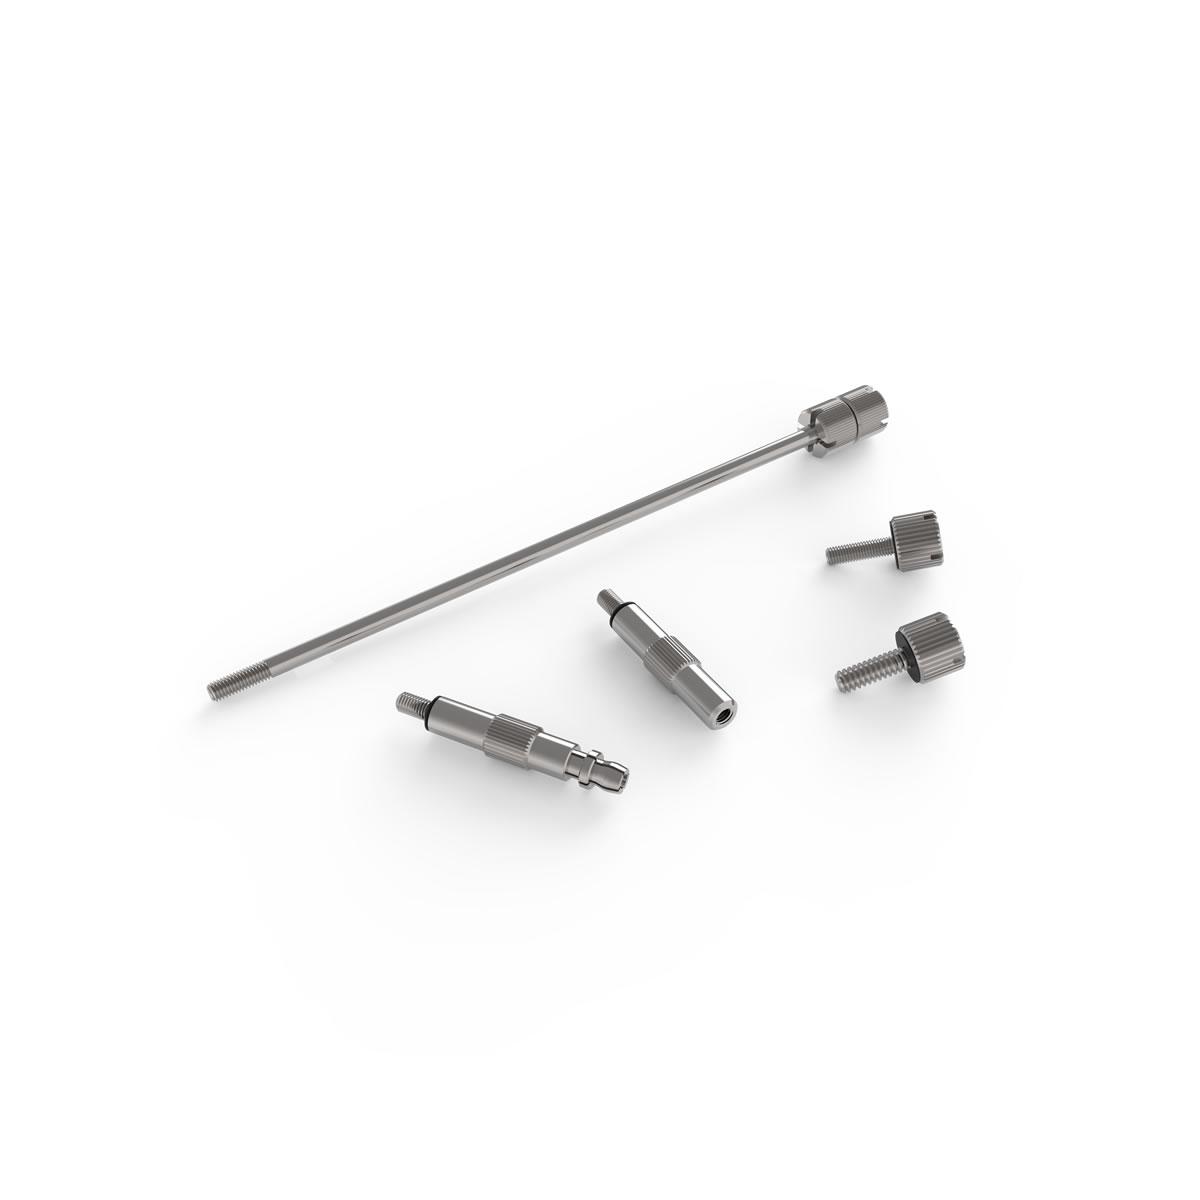 bc1-screw-kit-01